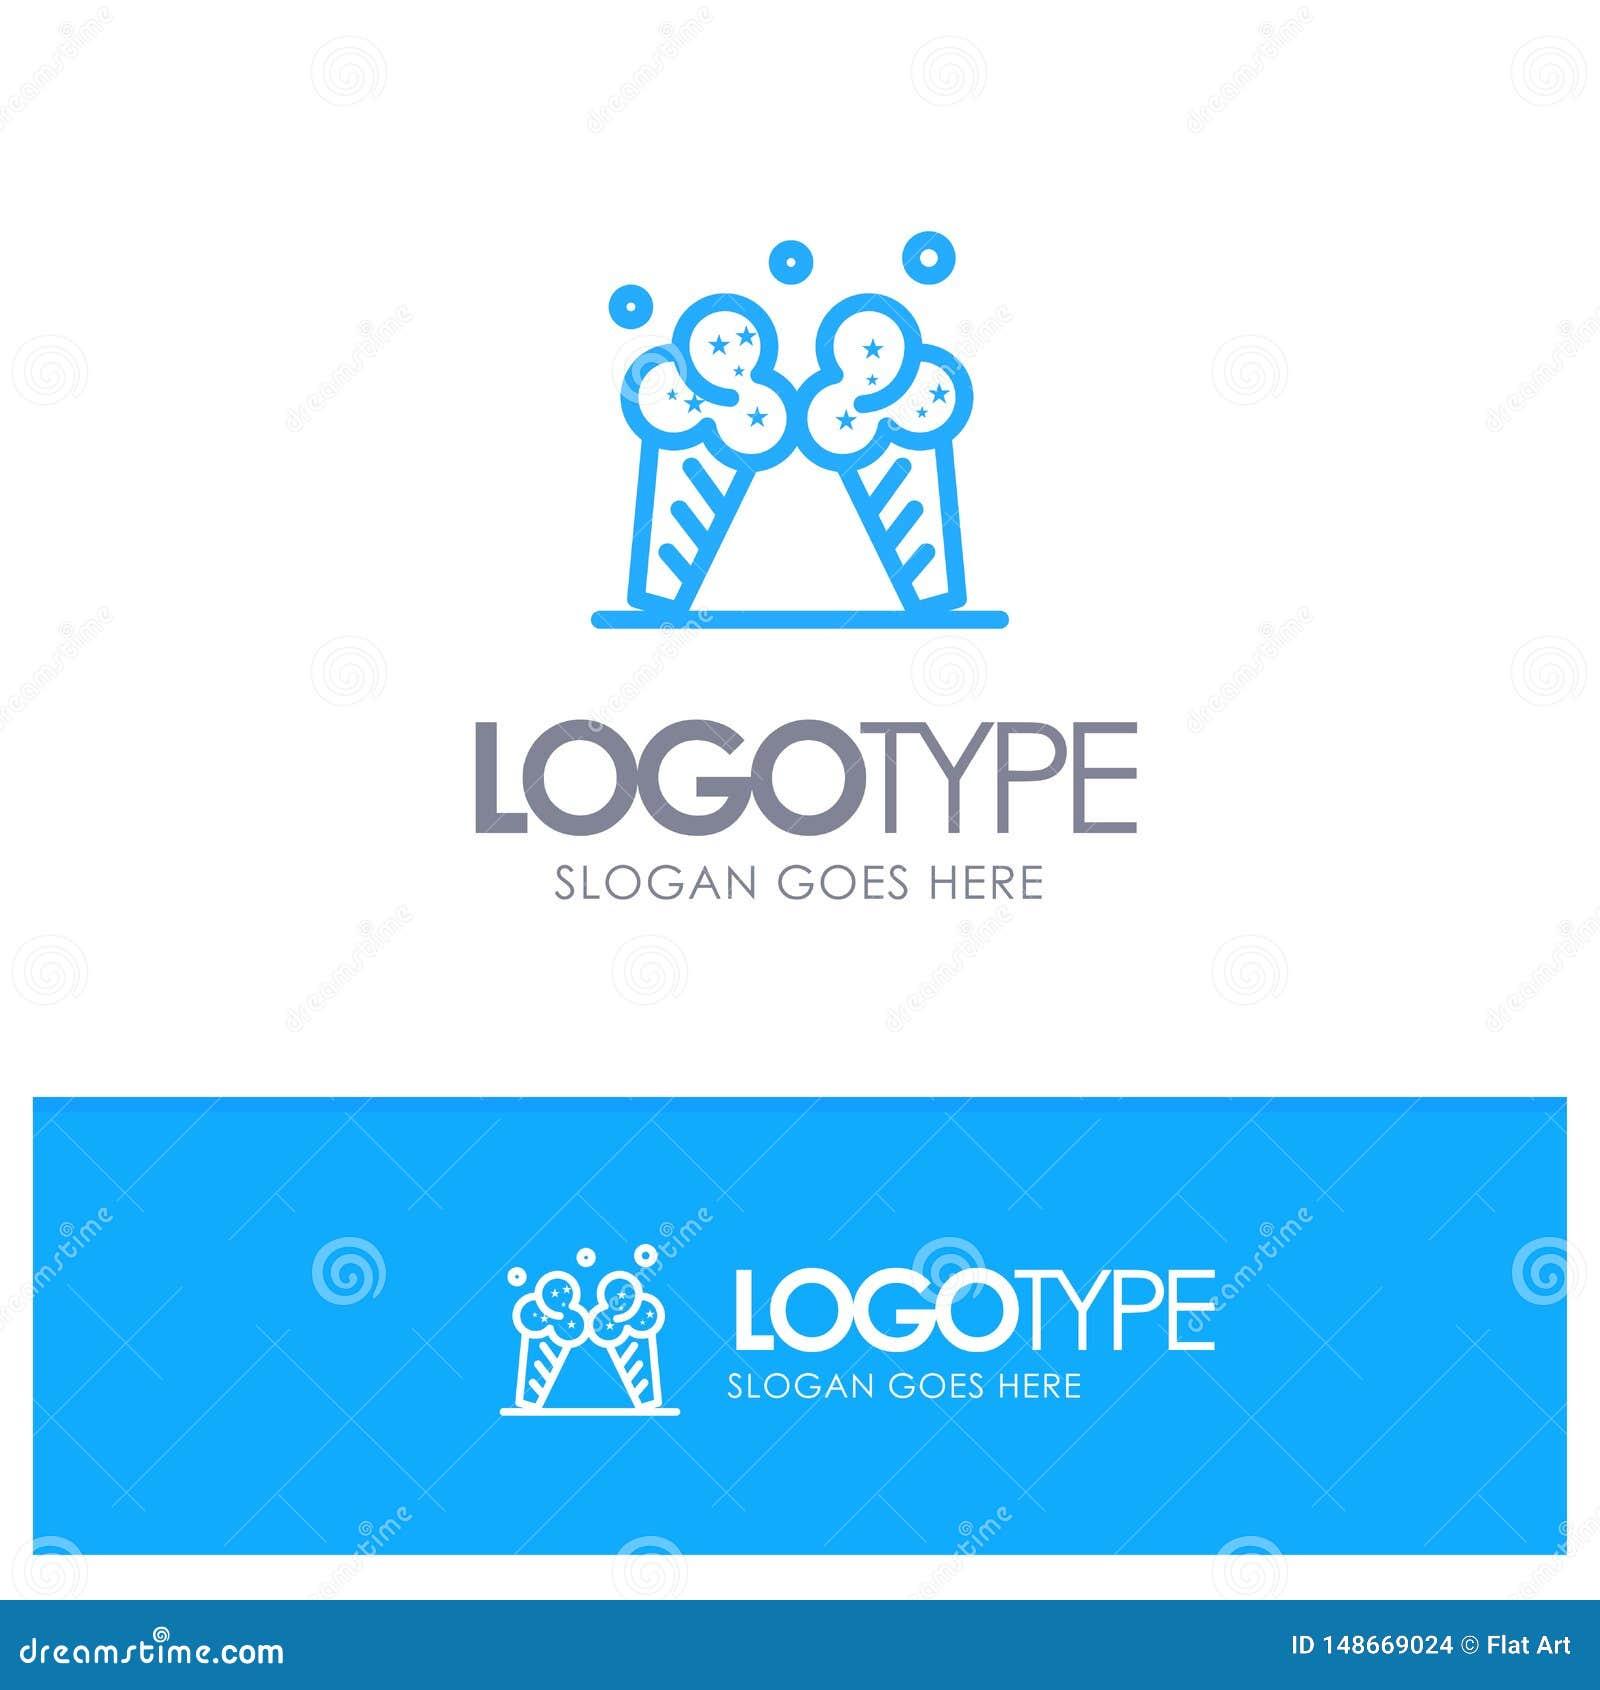 Roomijs, Ijs, Room, Amerikaans Blauw Overzicht Logo Place voor Tagline